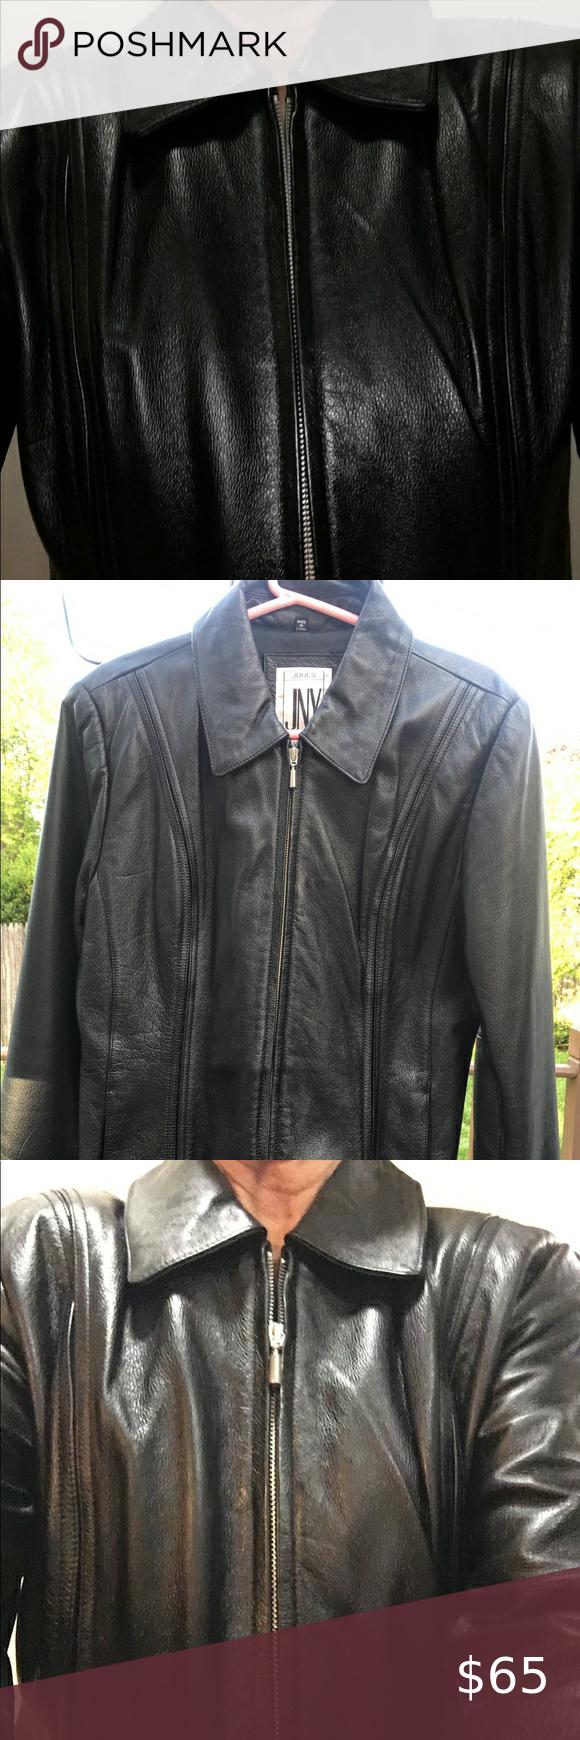 Jones Ny Black Leather Jacket Black Leather Jacket Leather Jacket Black Leather [ 1740 x 580 Pixel ]